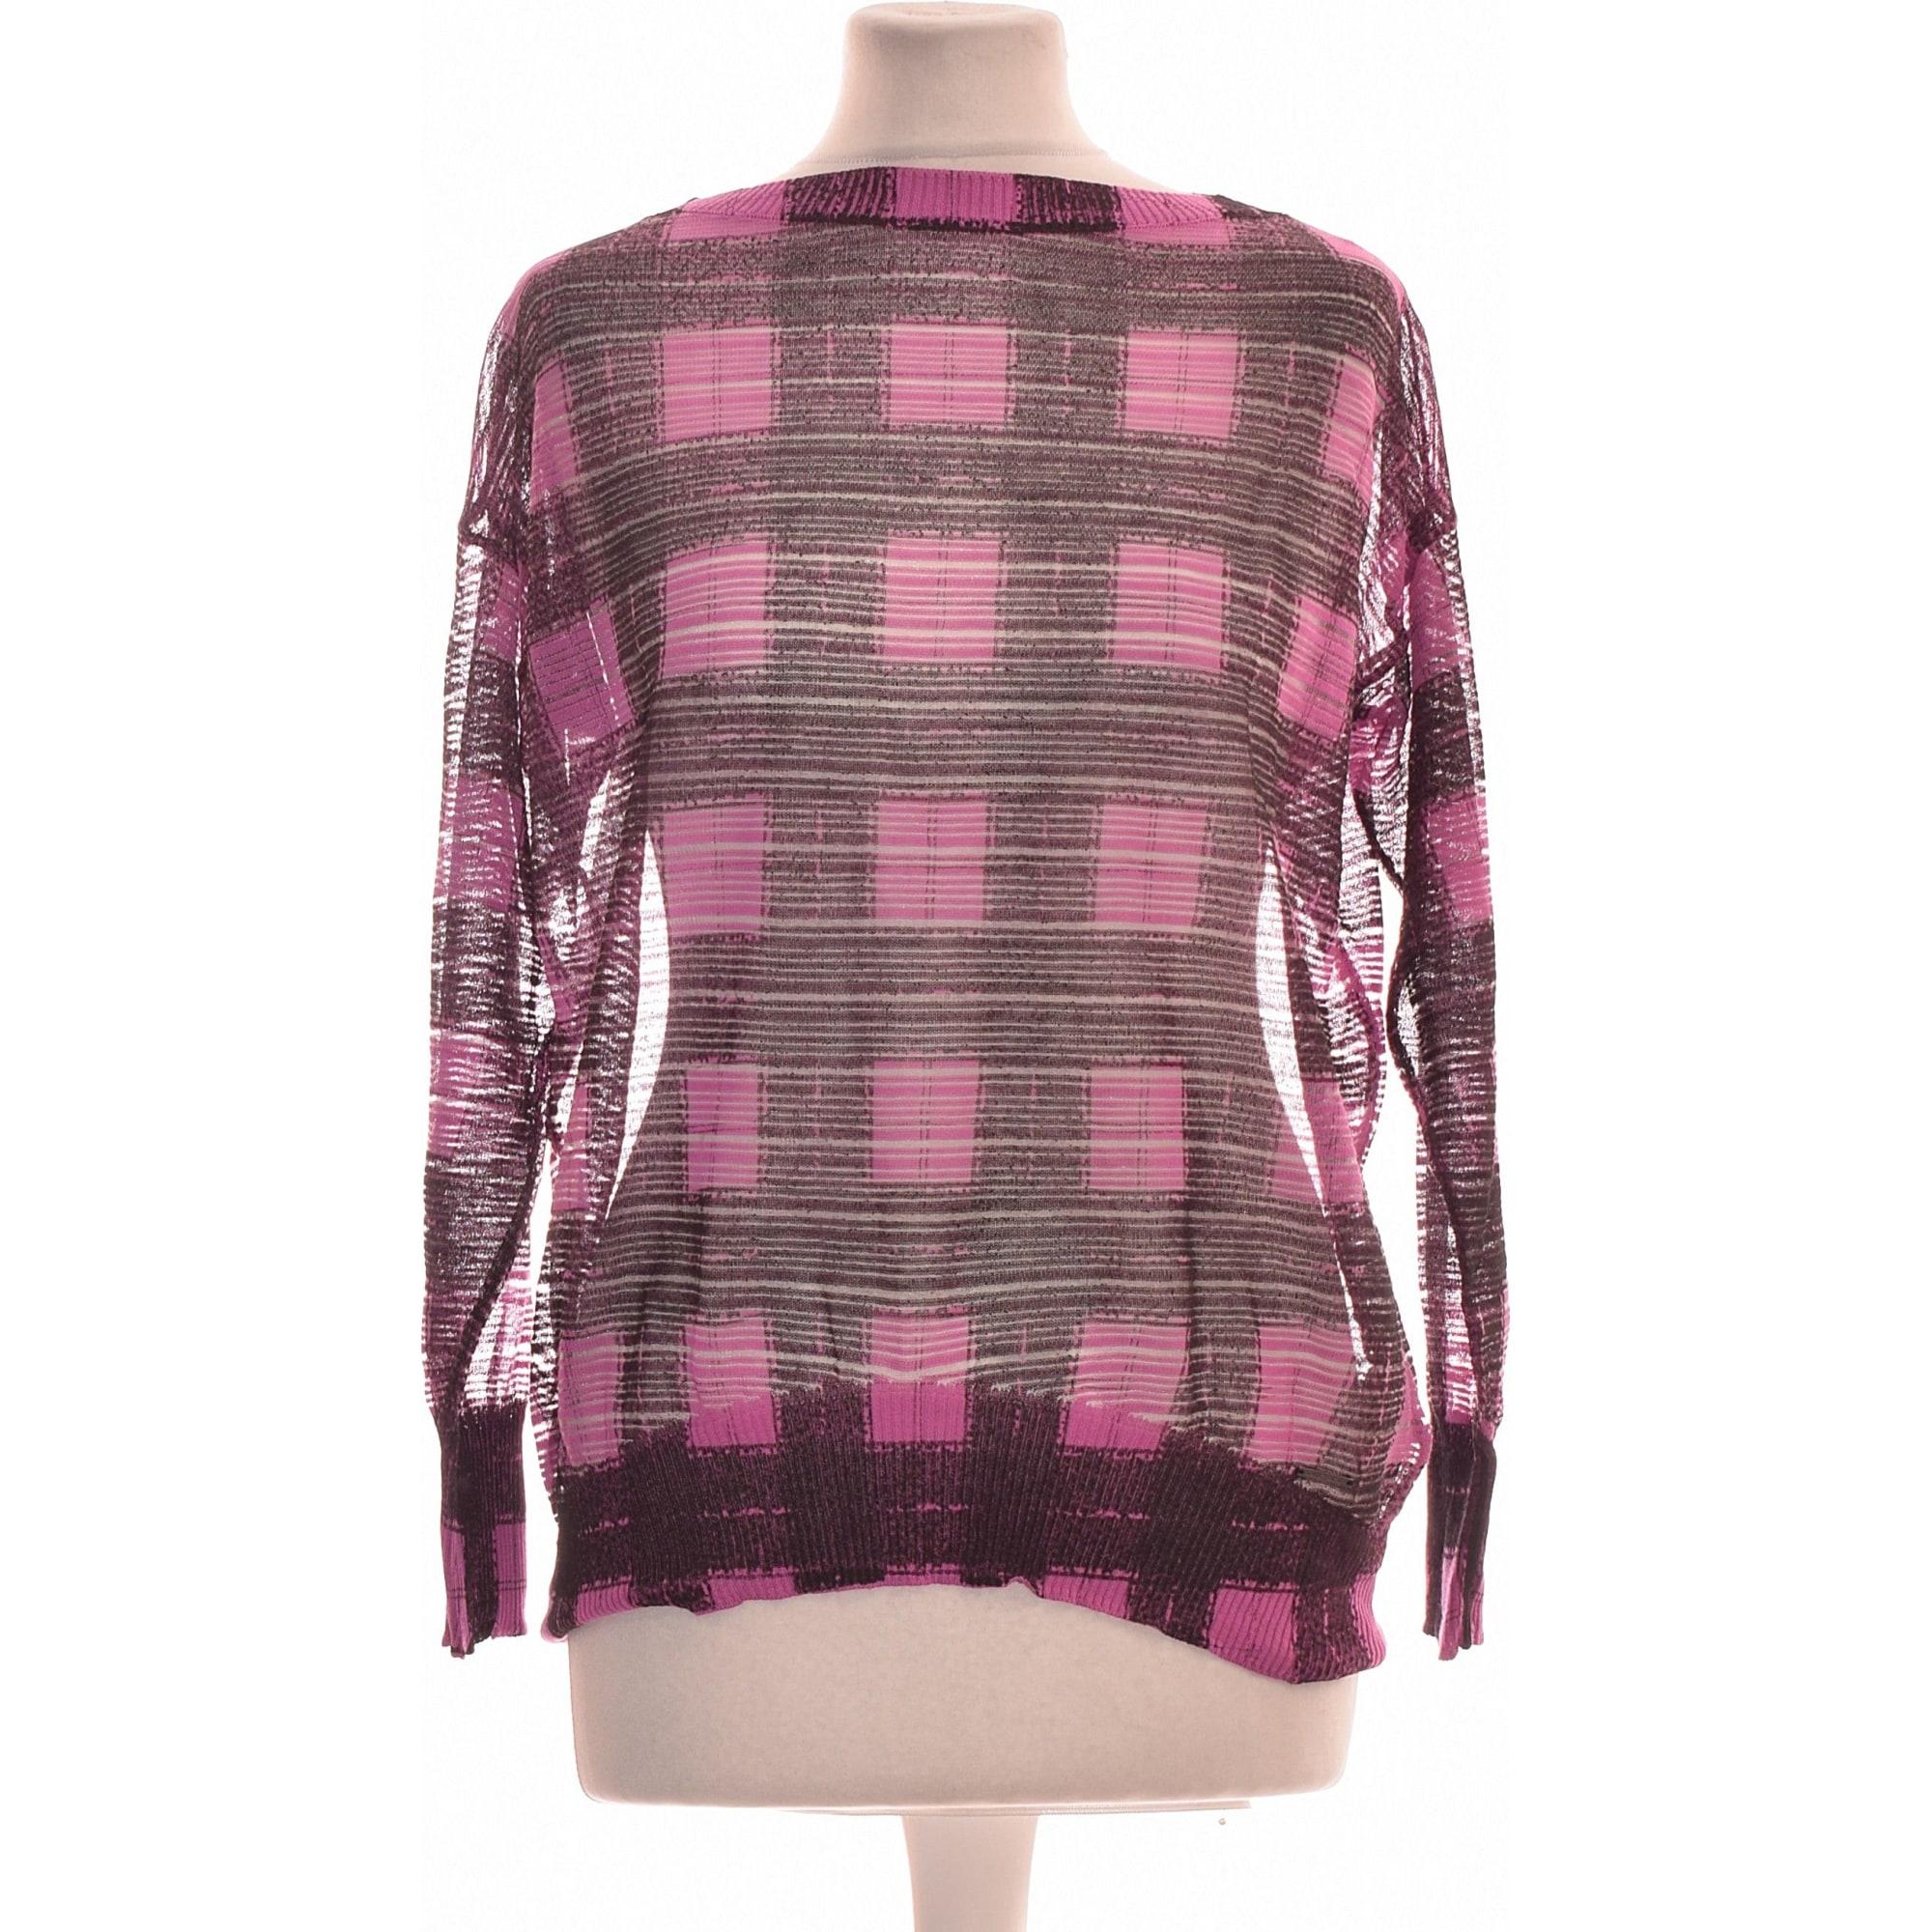 Tops, T-Shirt DIESEL Violett, malvenfarben, lavendelfarben